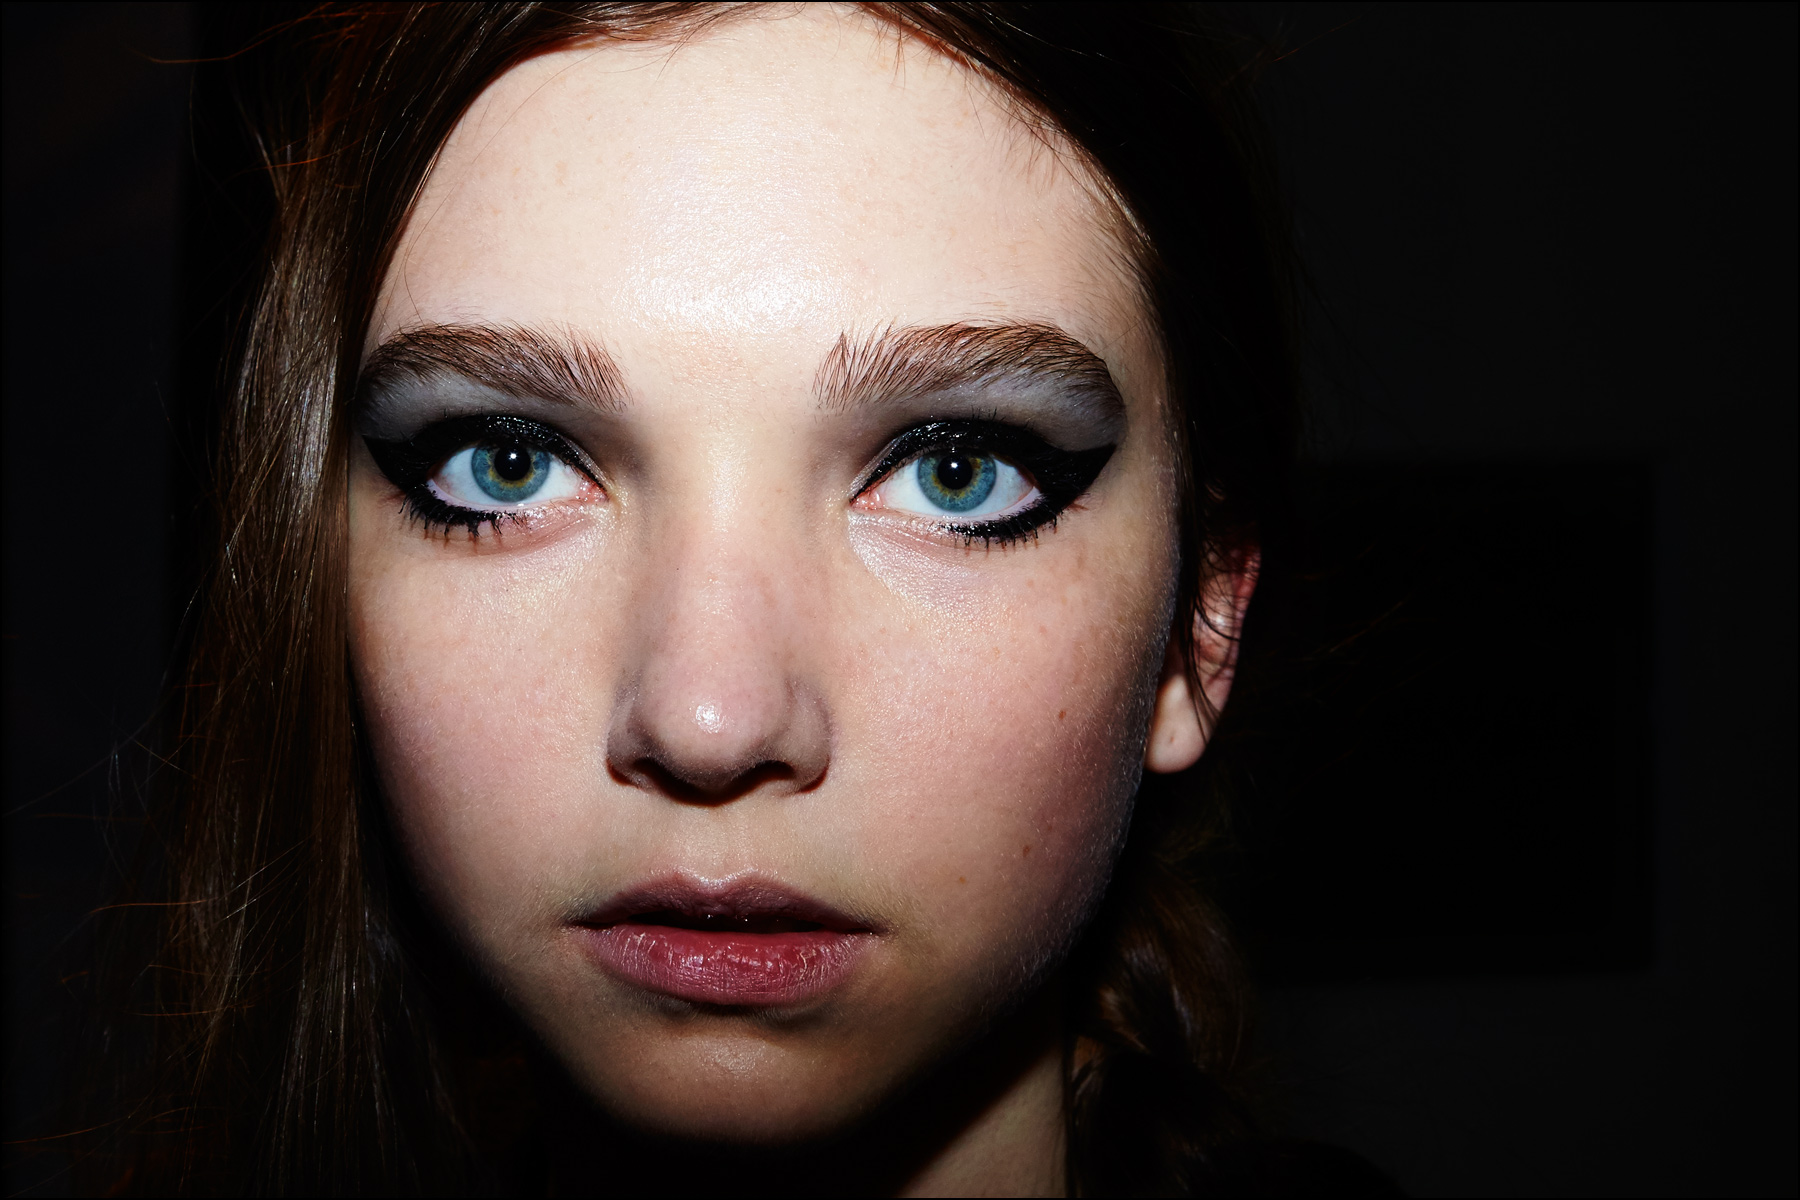 Beauty shot backstage at Libertine